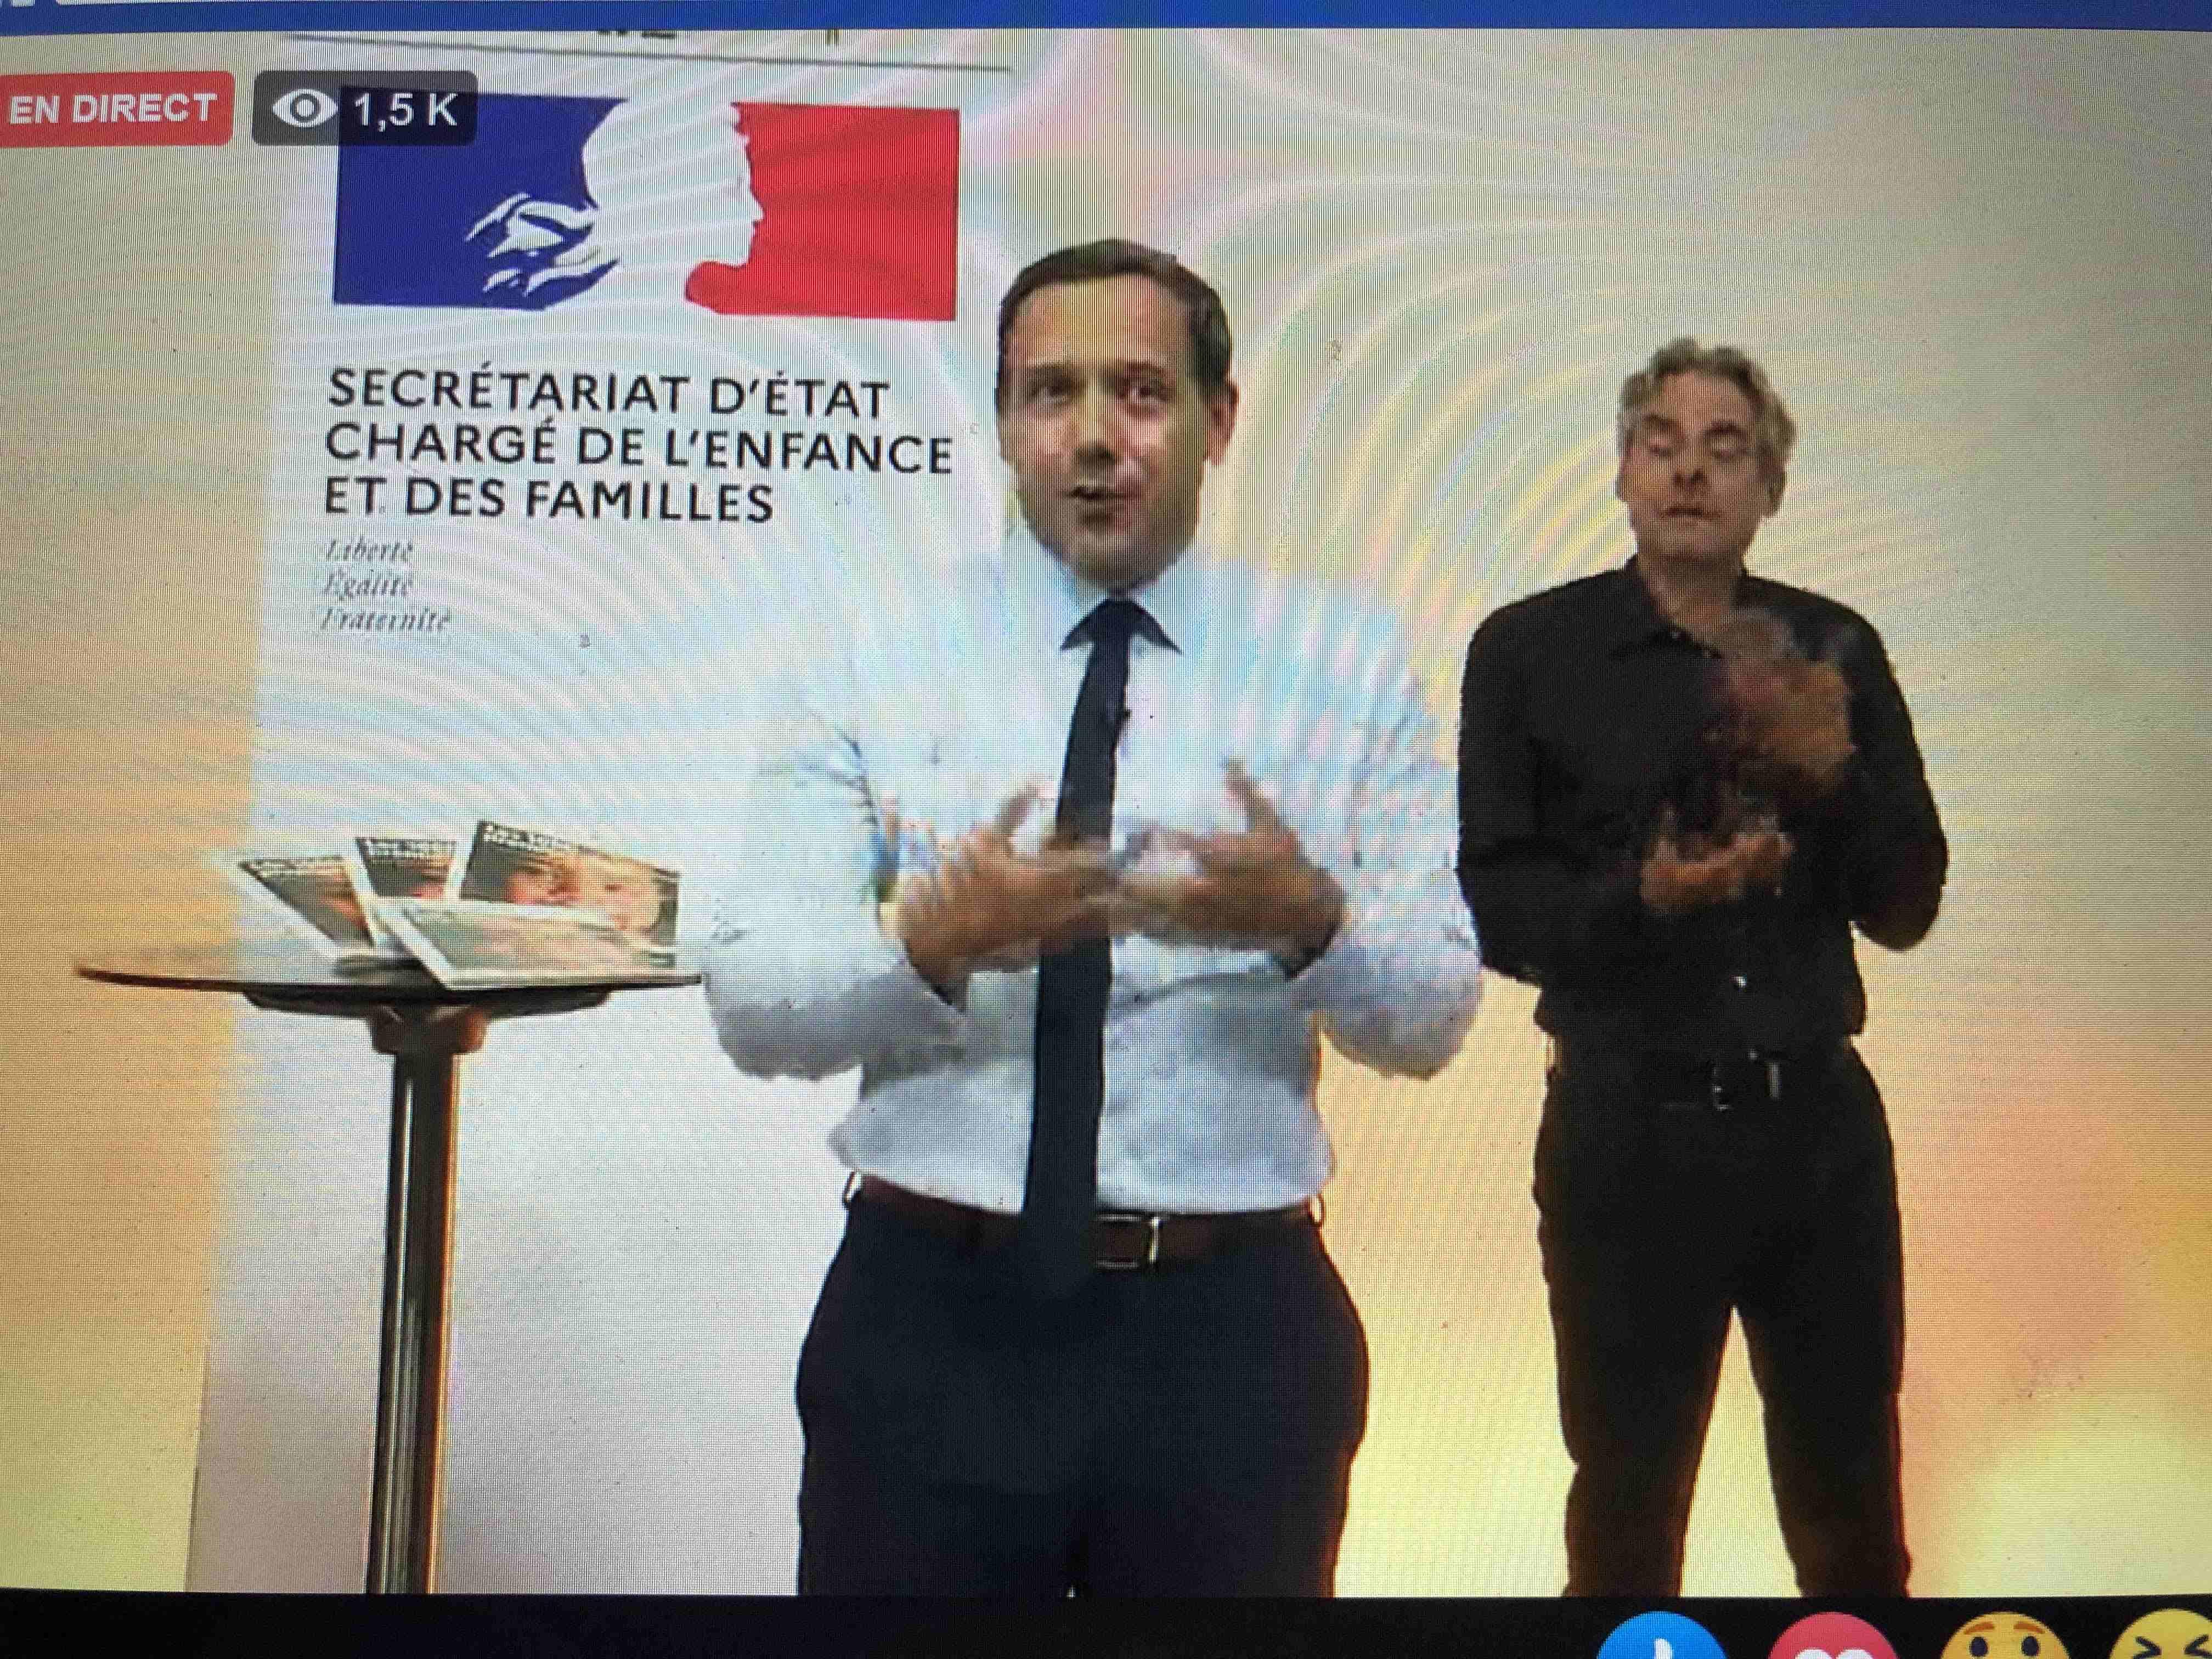 Adrien Taquet Facebook live